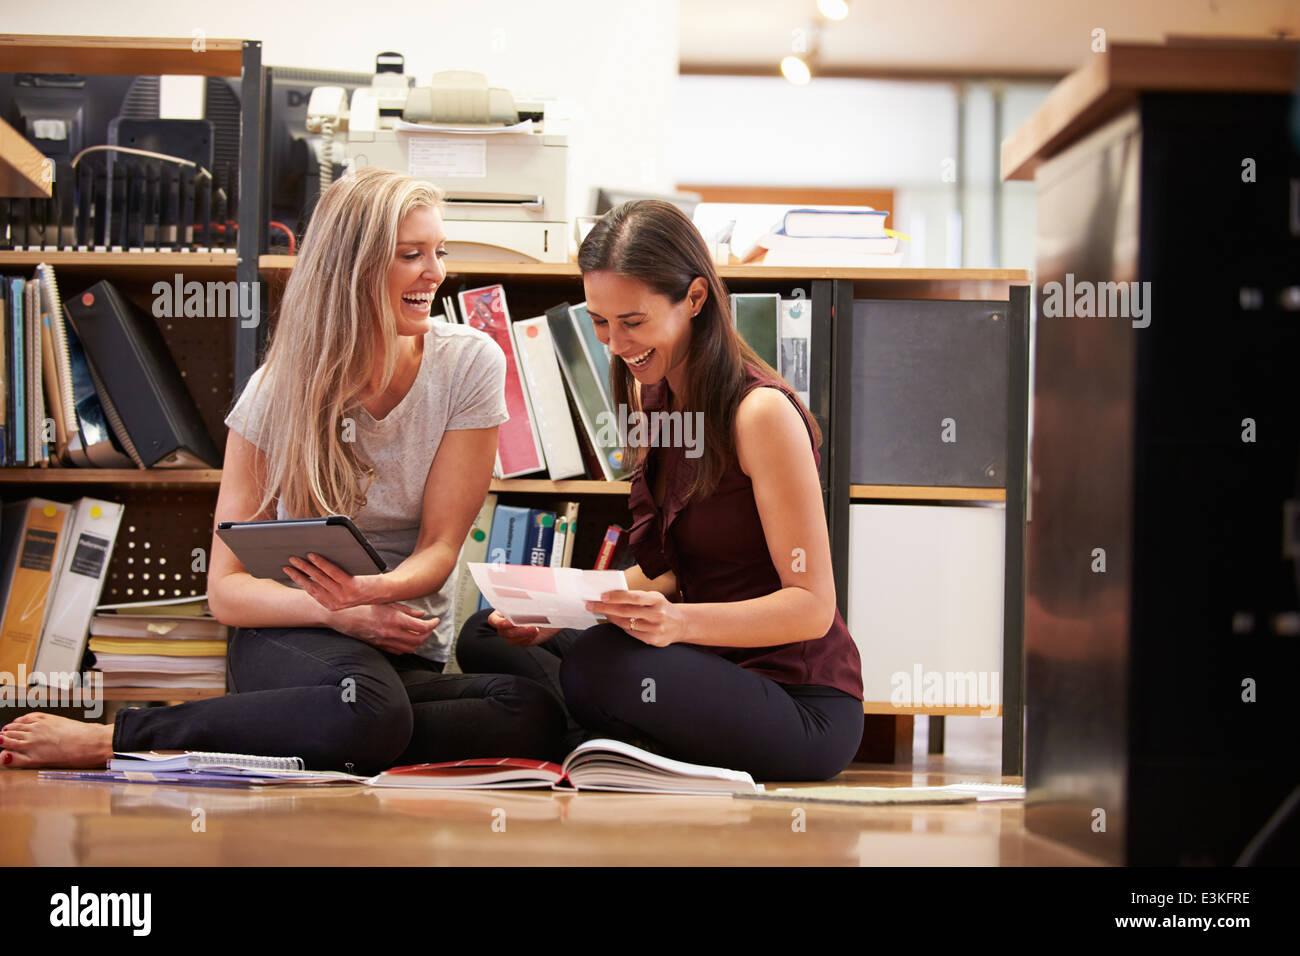 Due imprenditrici sedersi sul pavimento per ufficio con tavoletta digitale Immagini Stock